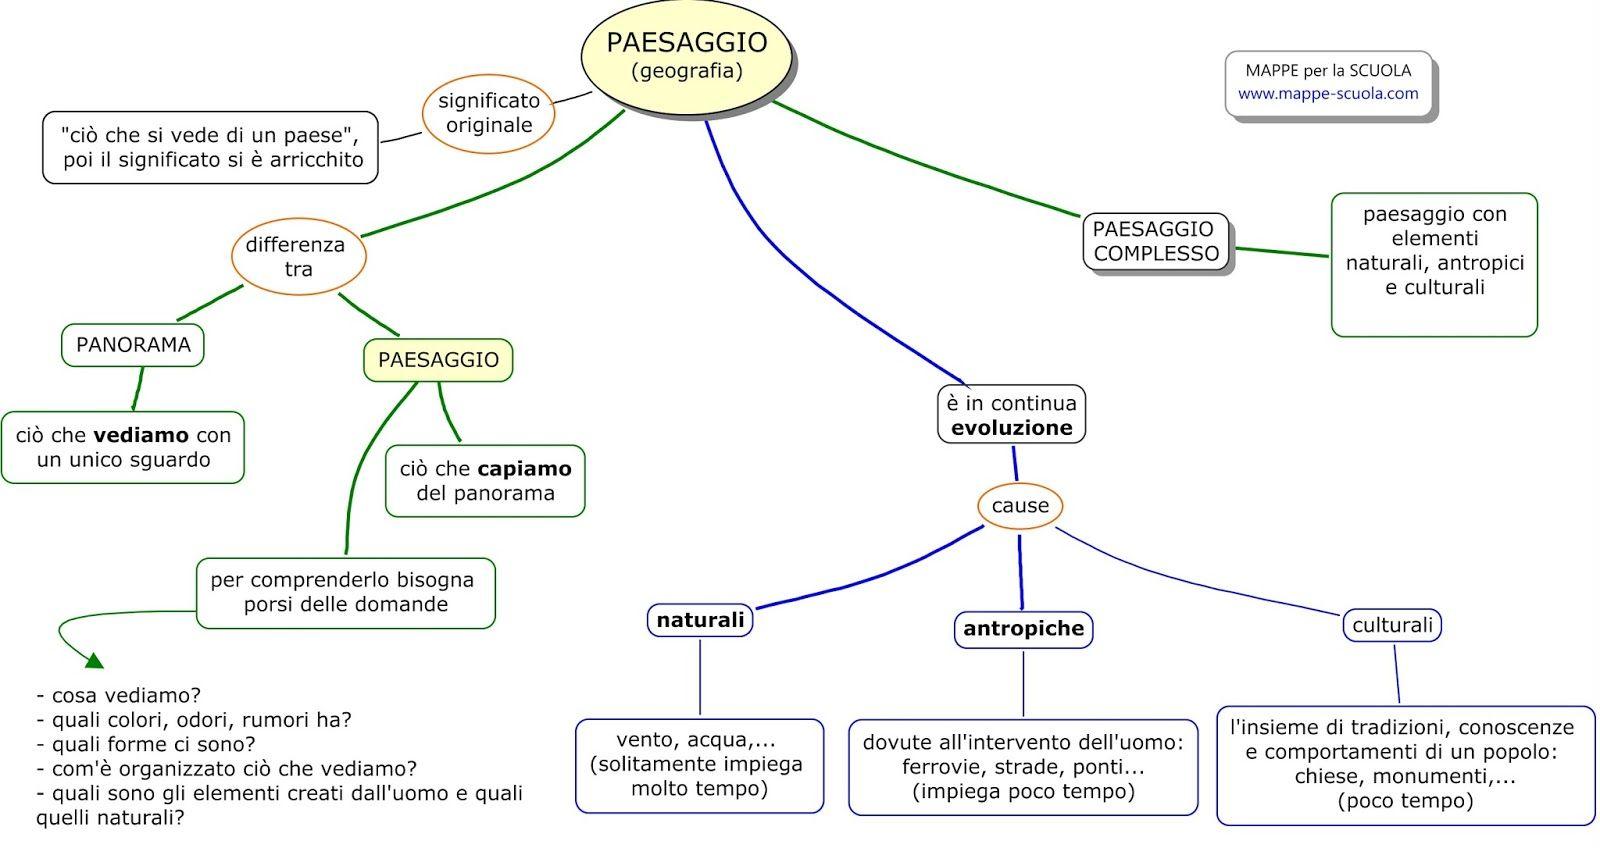 Mappa concettuale sul PAESAGGIO Geografia Il paesaggio